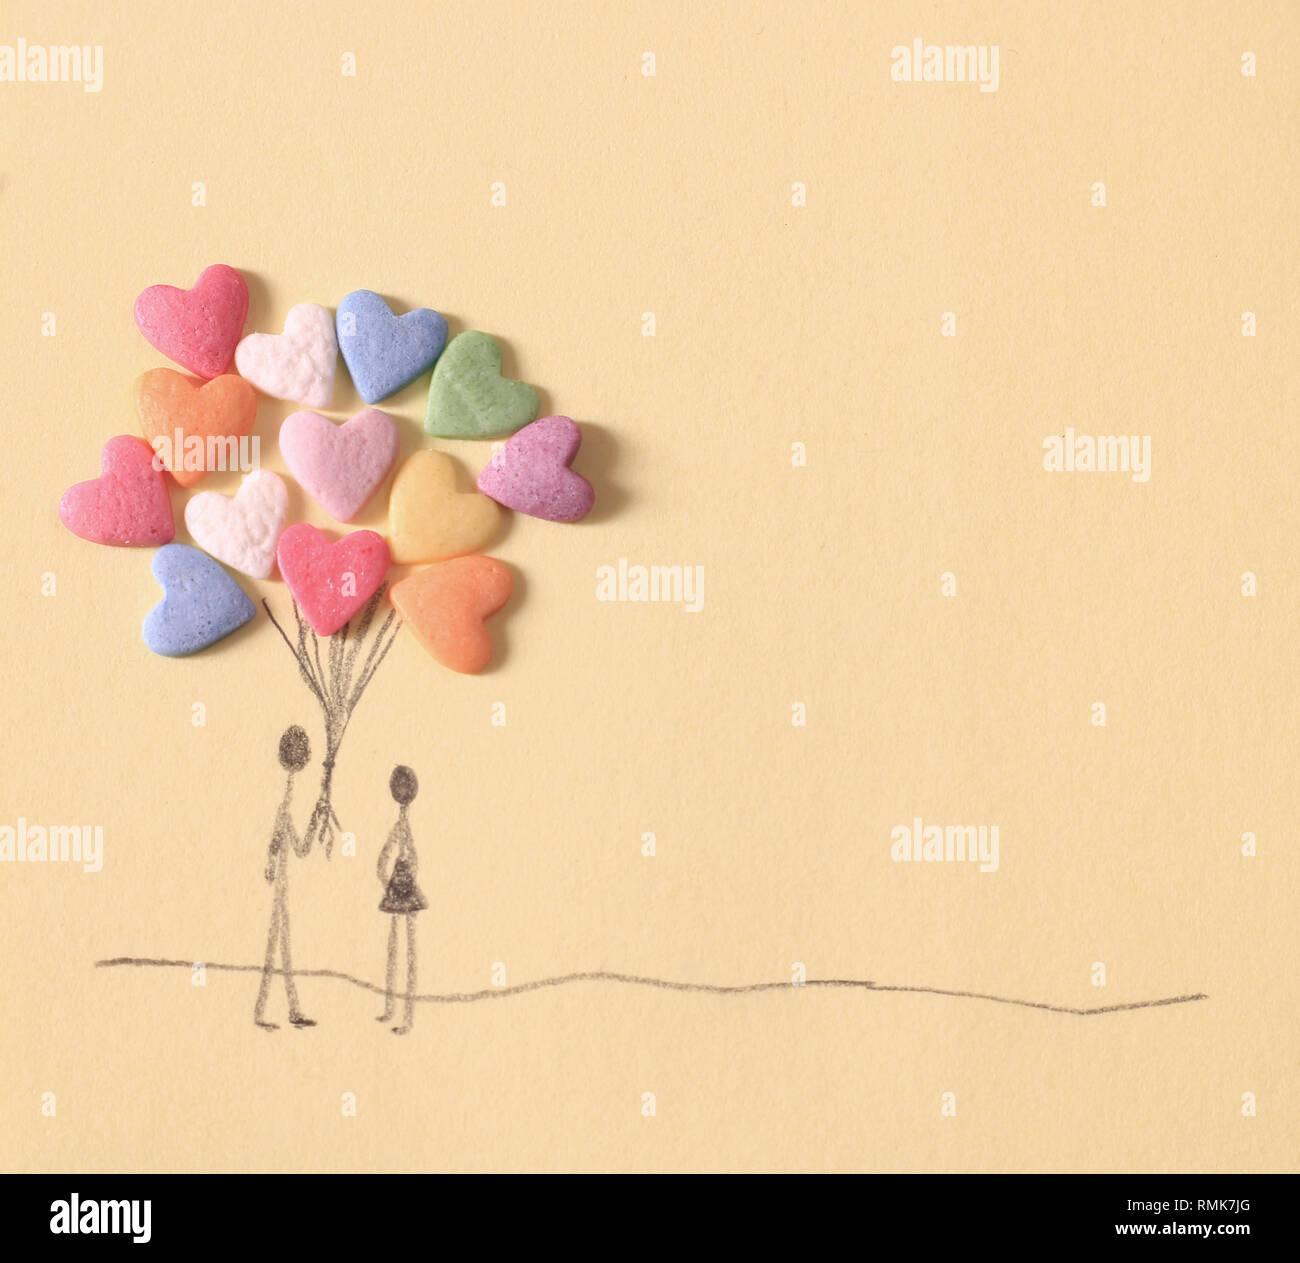 Candy Globo de corazón dibujado a mano ilustración para la tarjeta del día de San Valentín Imagen De Stock